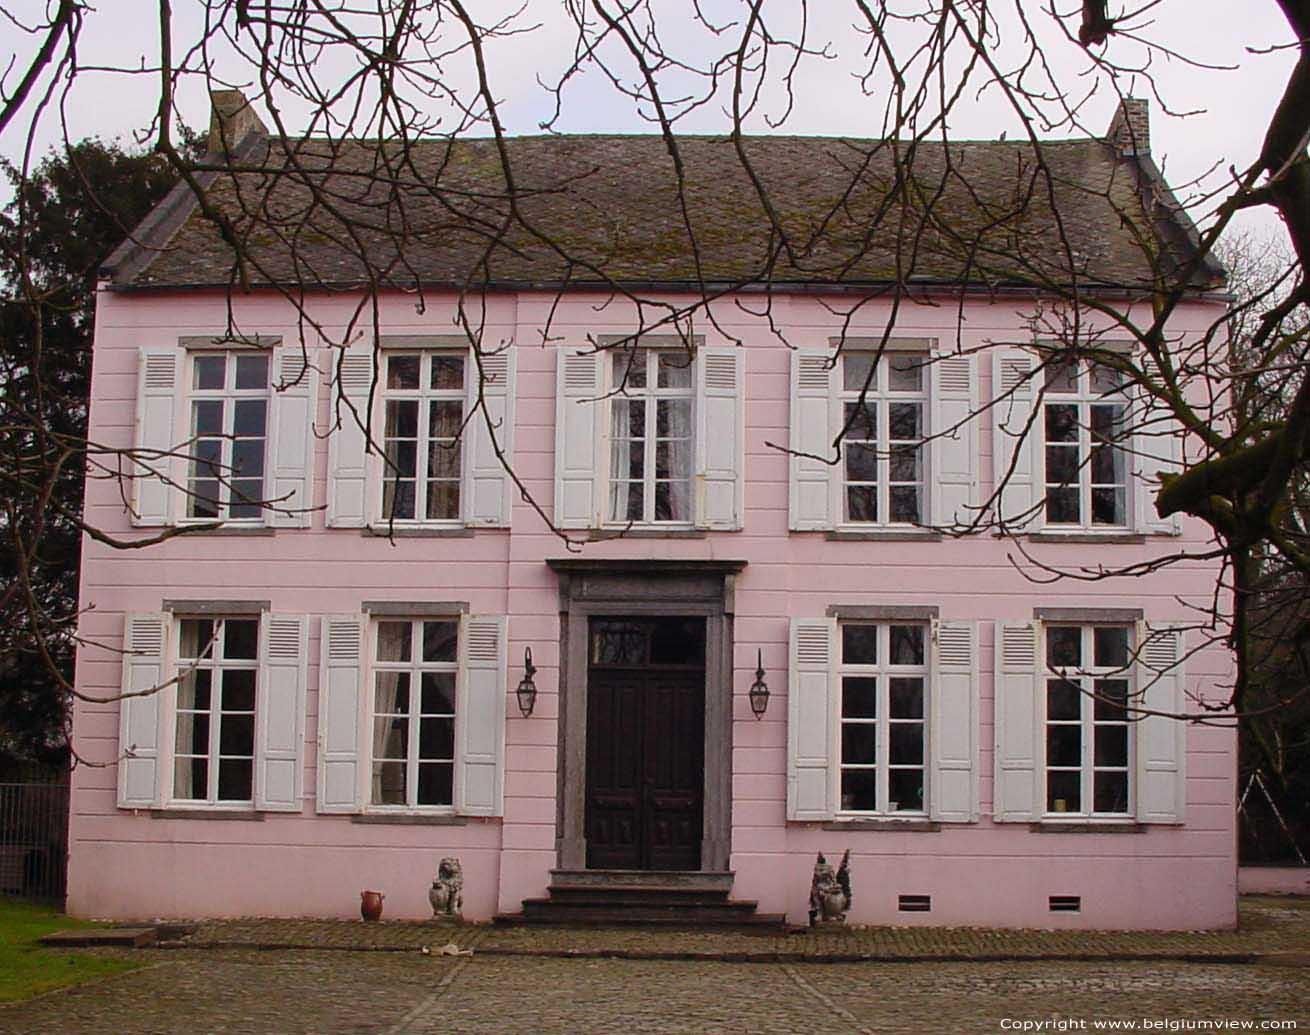 Roos huis beauvechain in bevekom belgi for Lijst inrichting huis